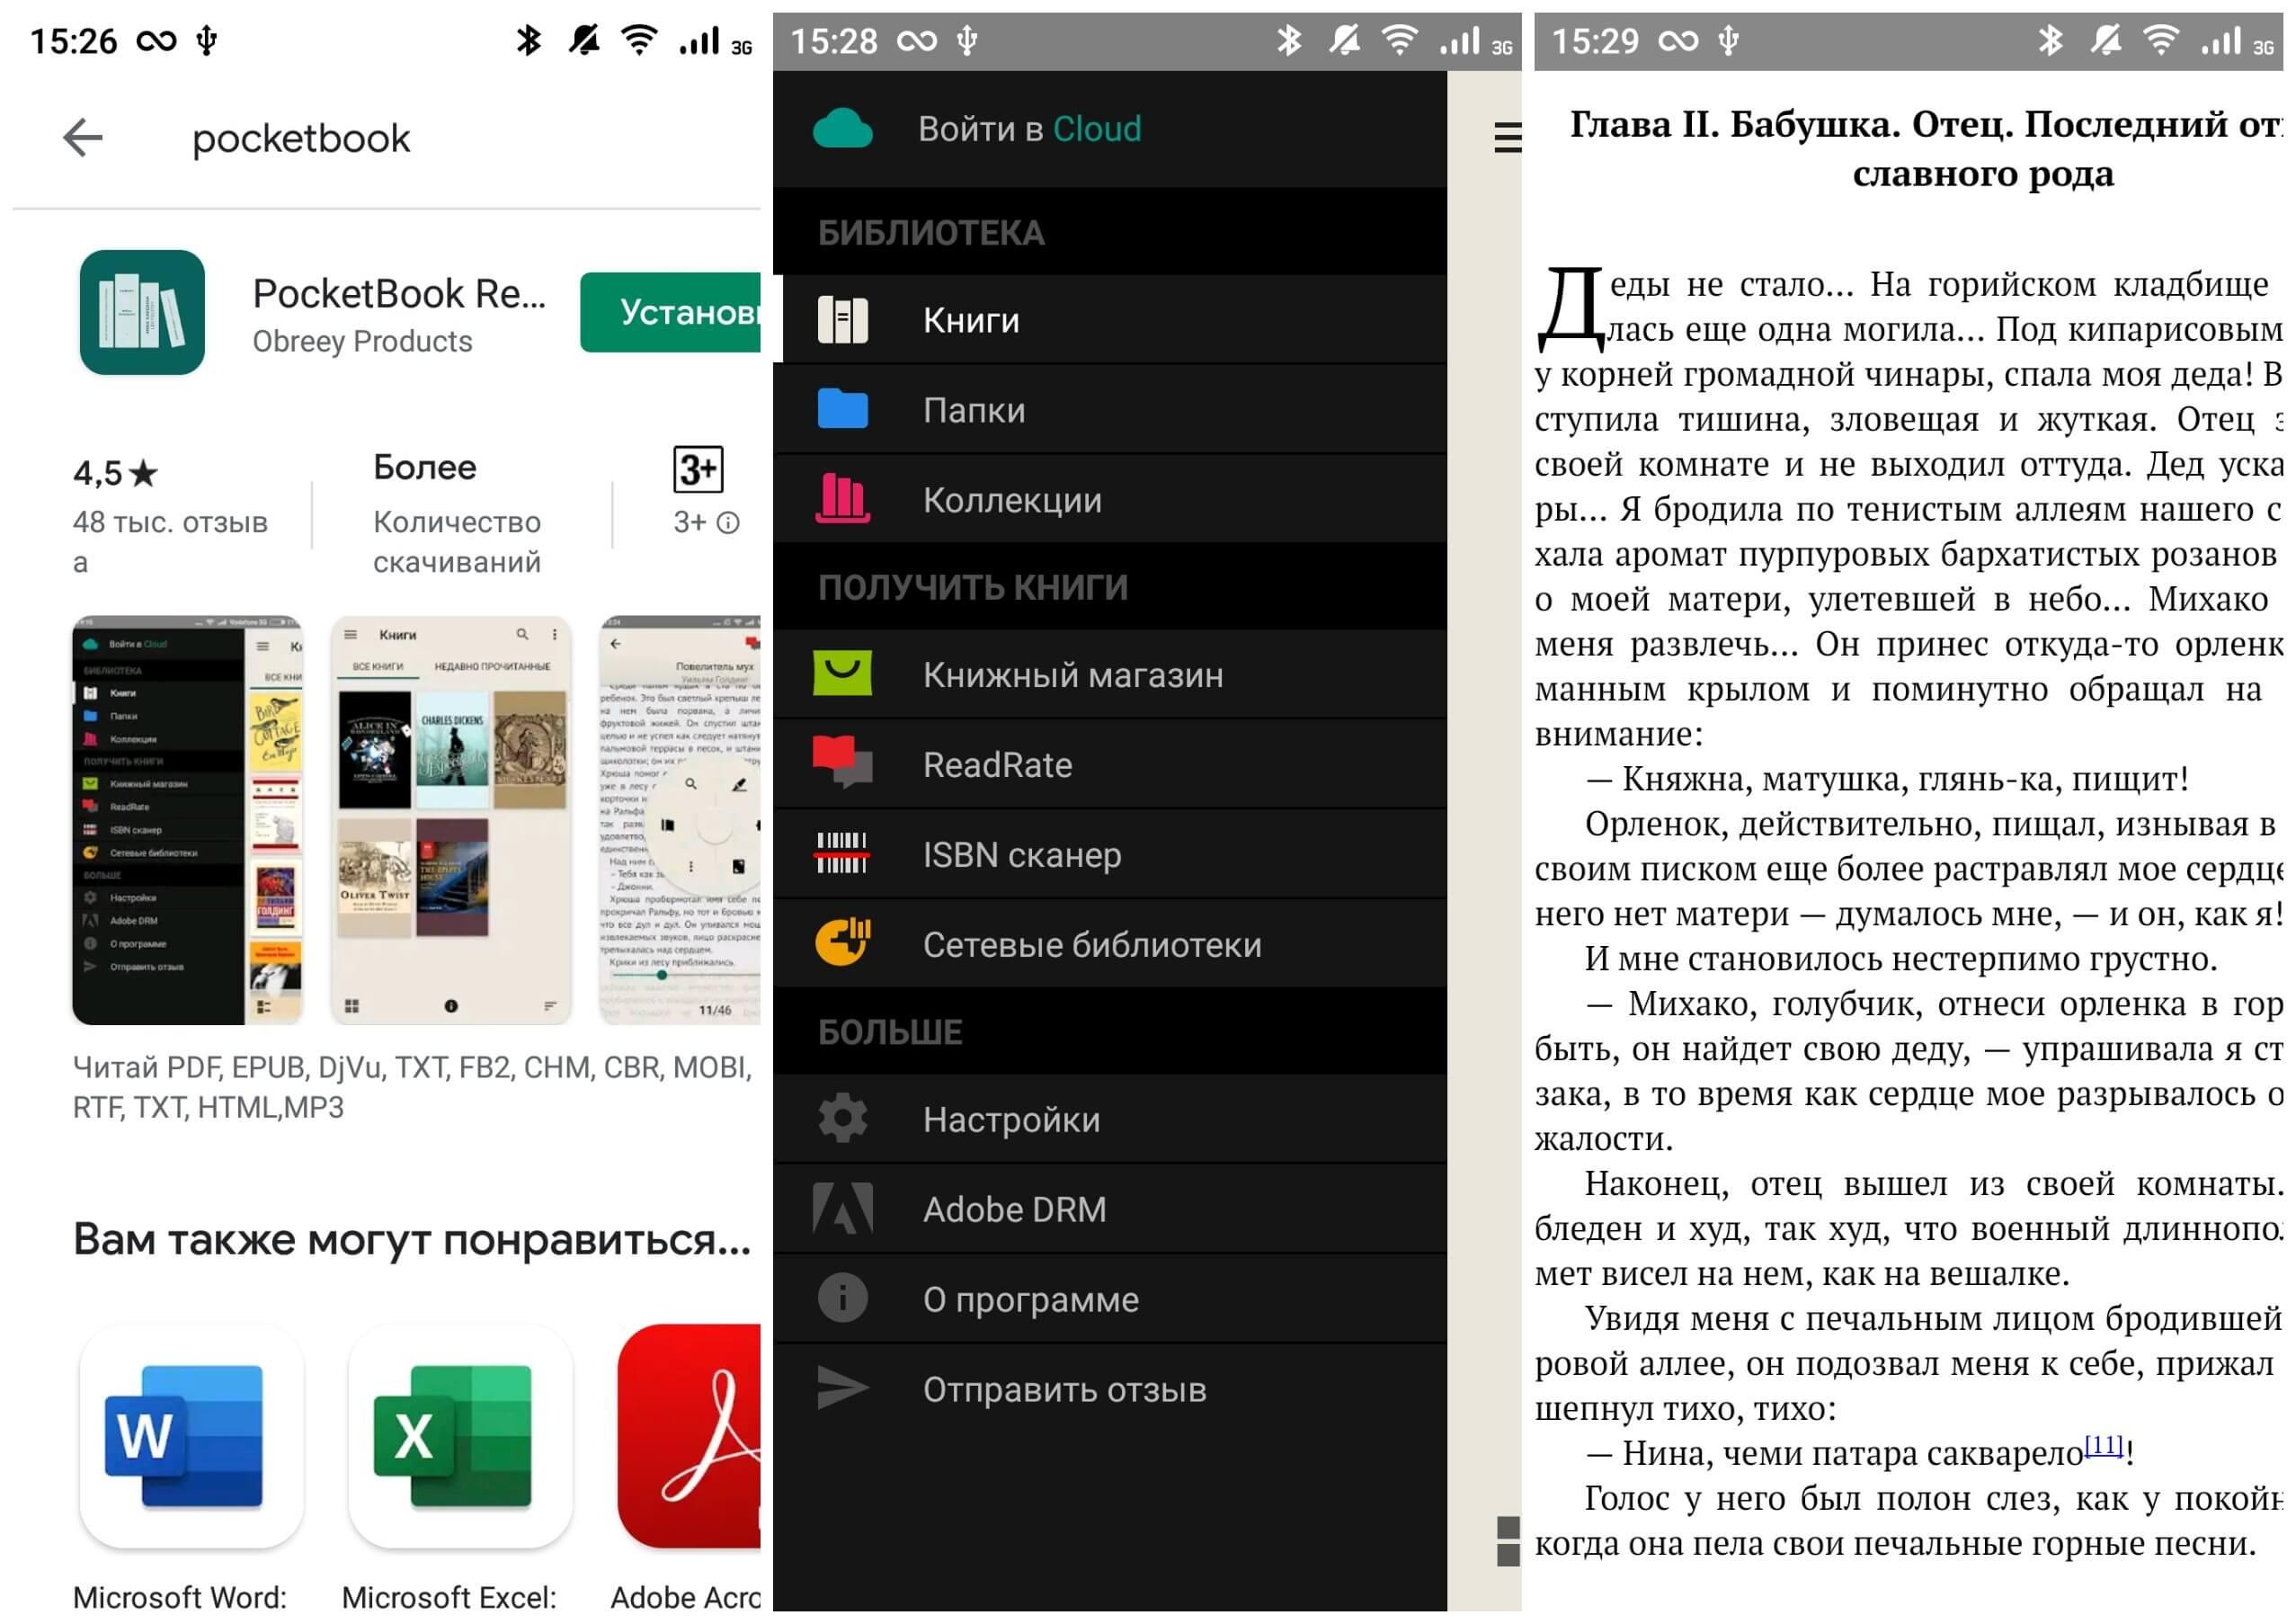 На фото изображены скрины приложения Pocket Book.